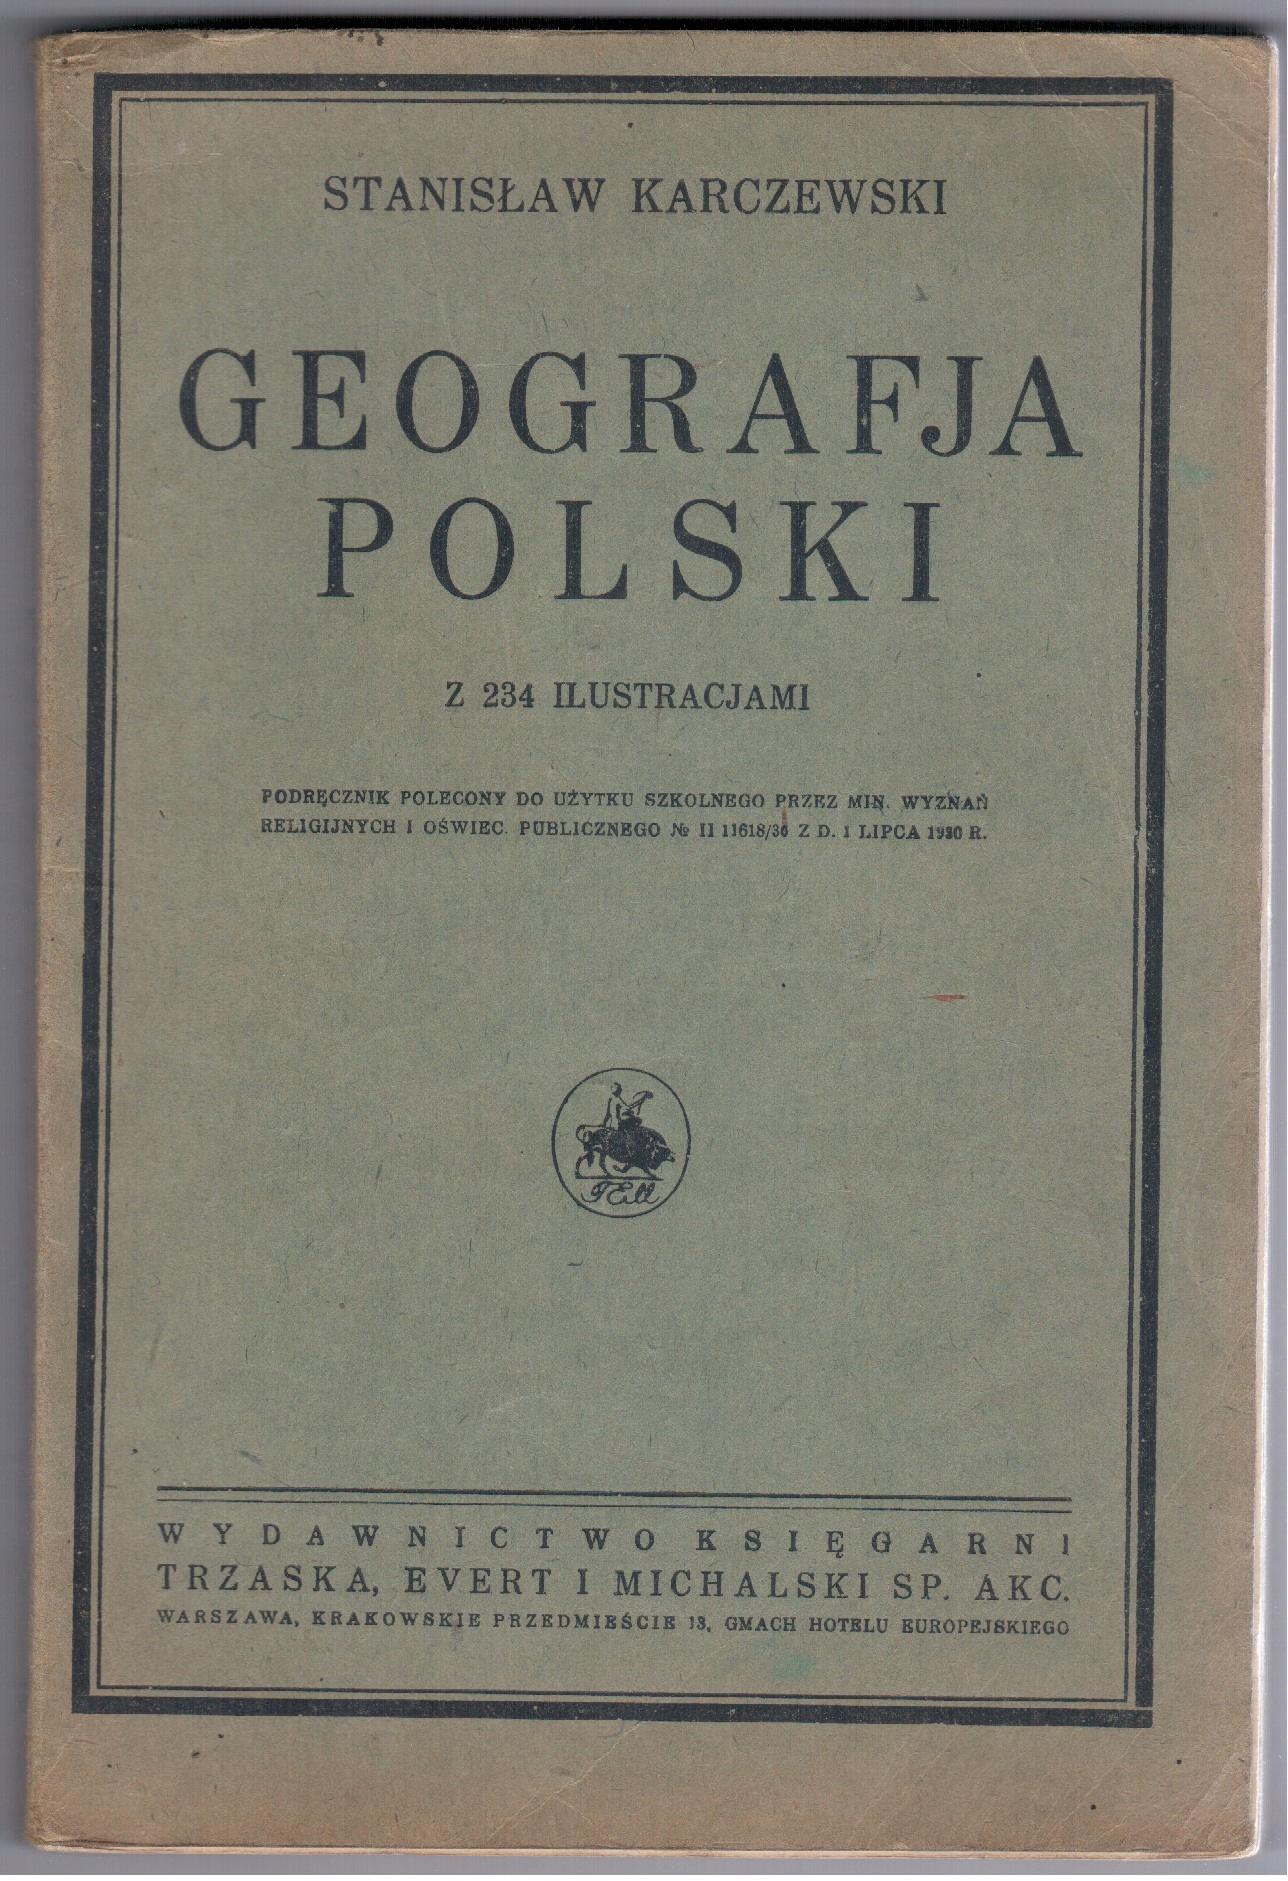 Karczewski Geografia Polski 1930, Polesie Podlasie